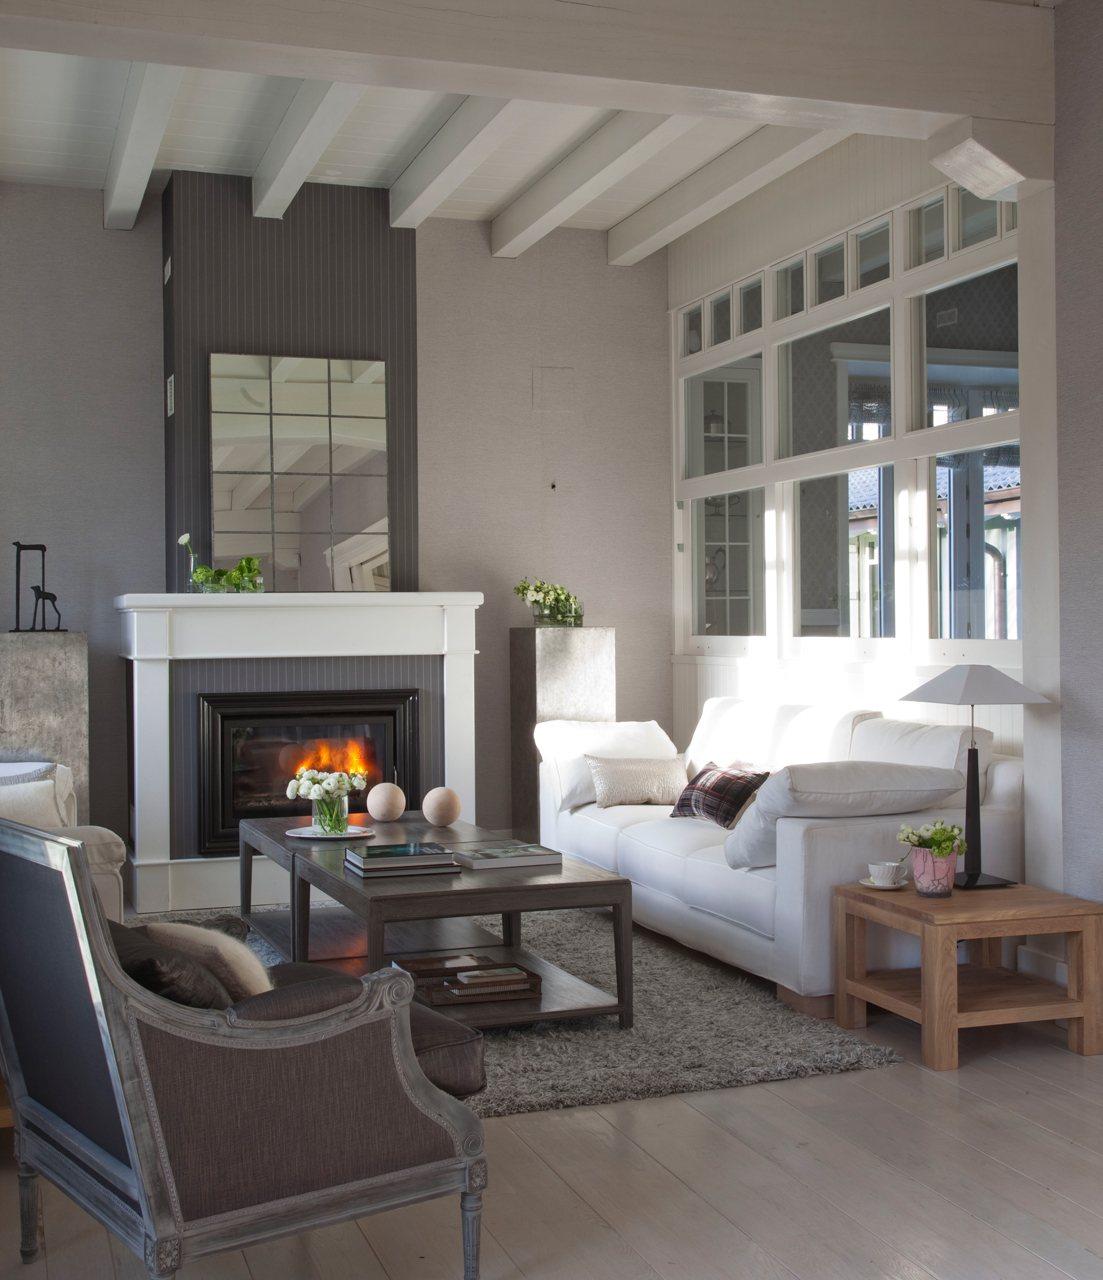 Instala paredes de cristal y gana luz y amplitud en casa - Paredes de cristal precios ...